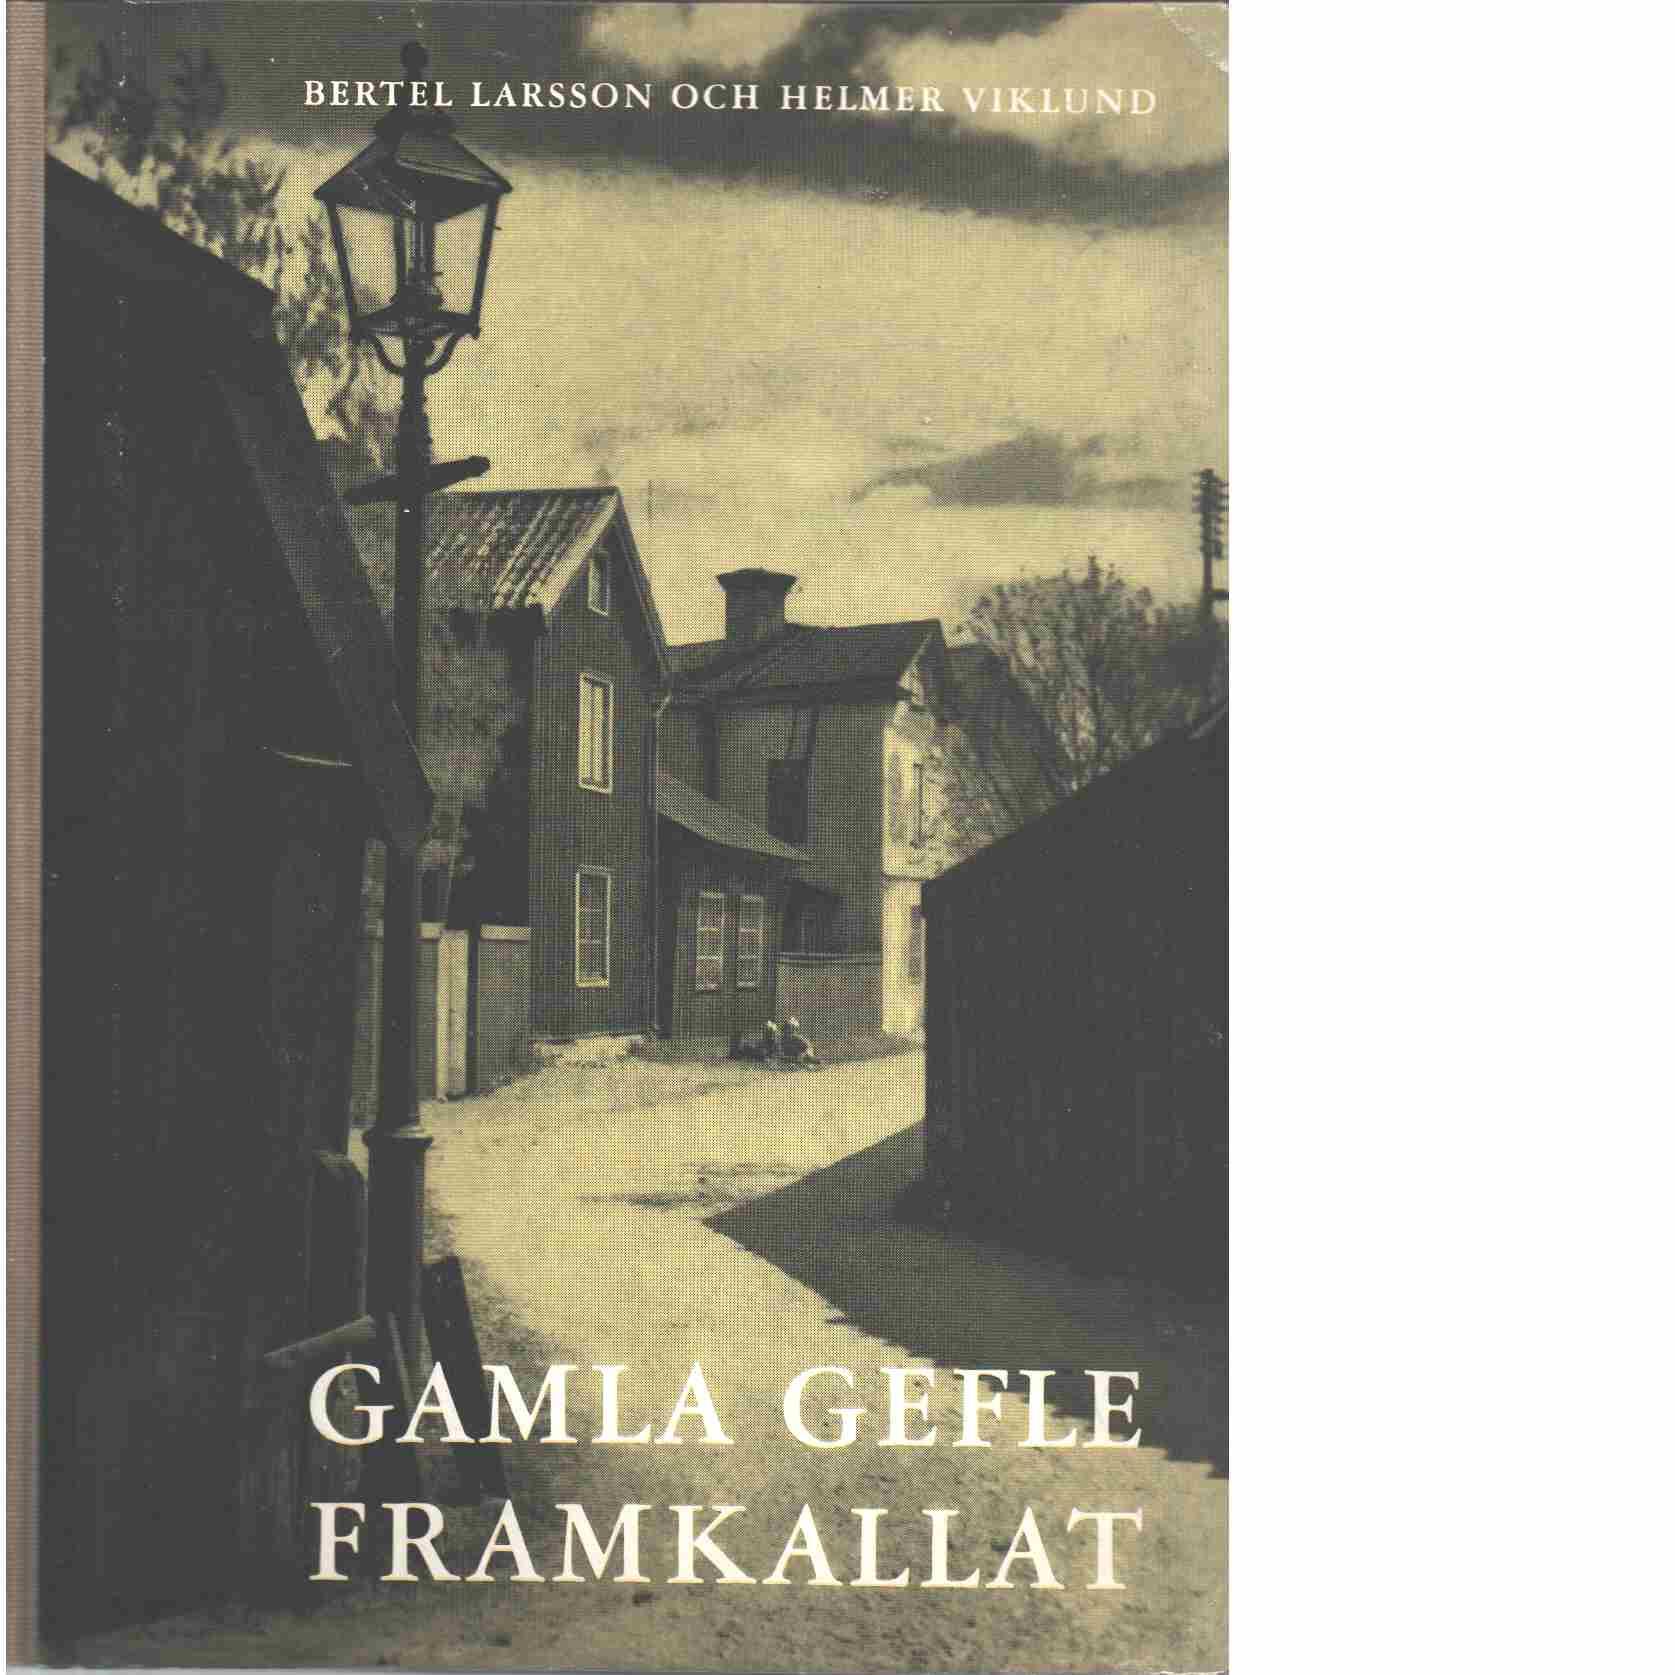 Gamla Gefle framkallat - Red. Viklund, Helmer och Hembygdsföreningen Gävle gille